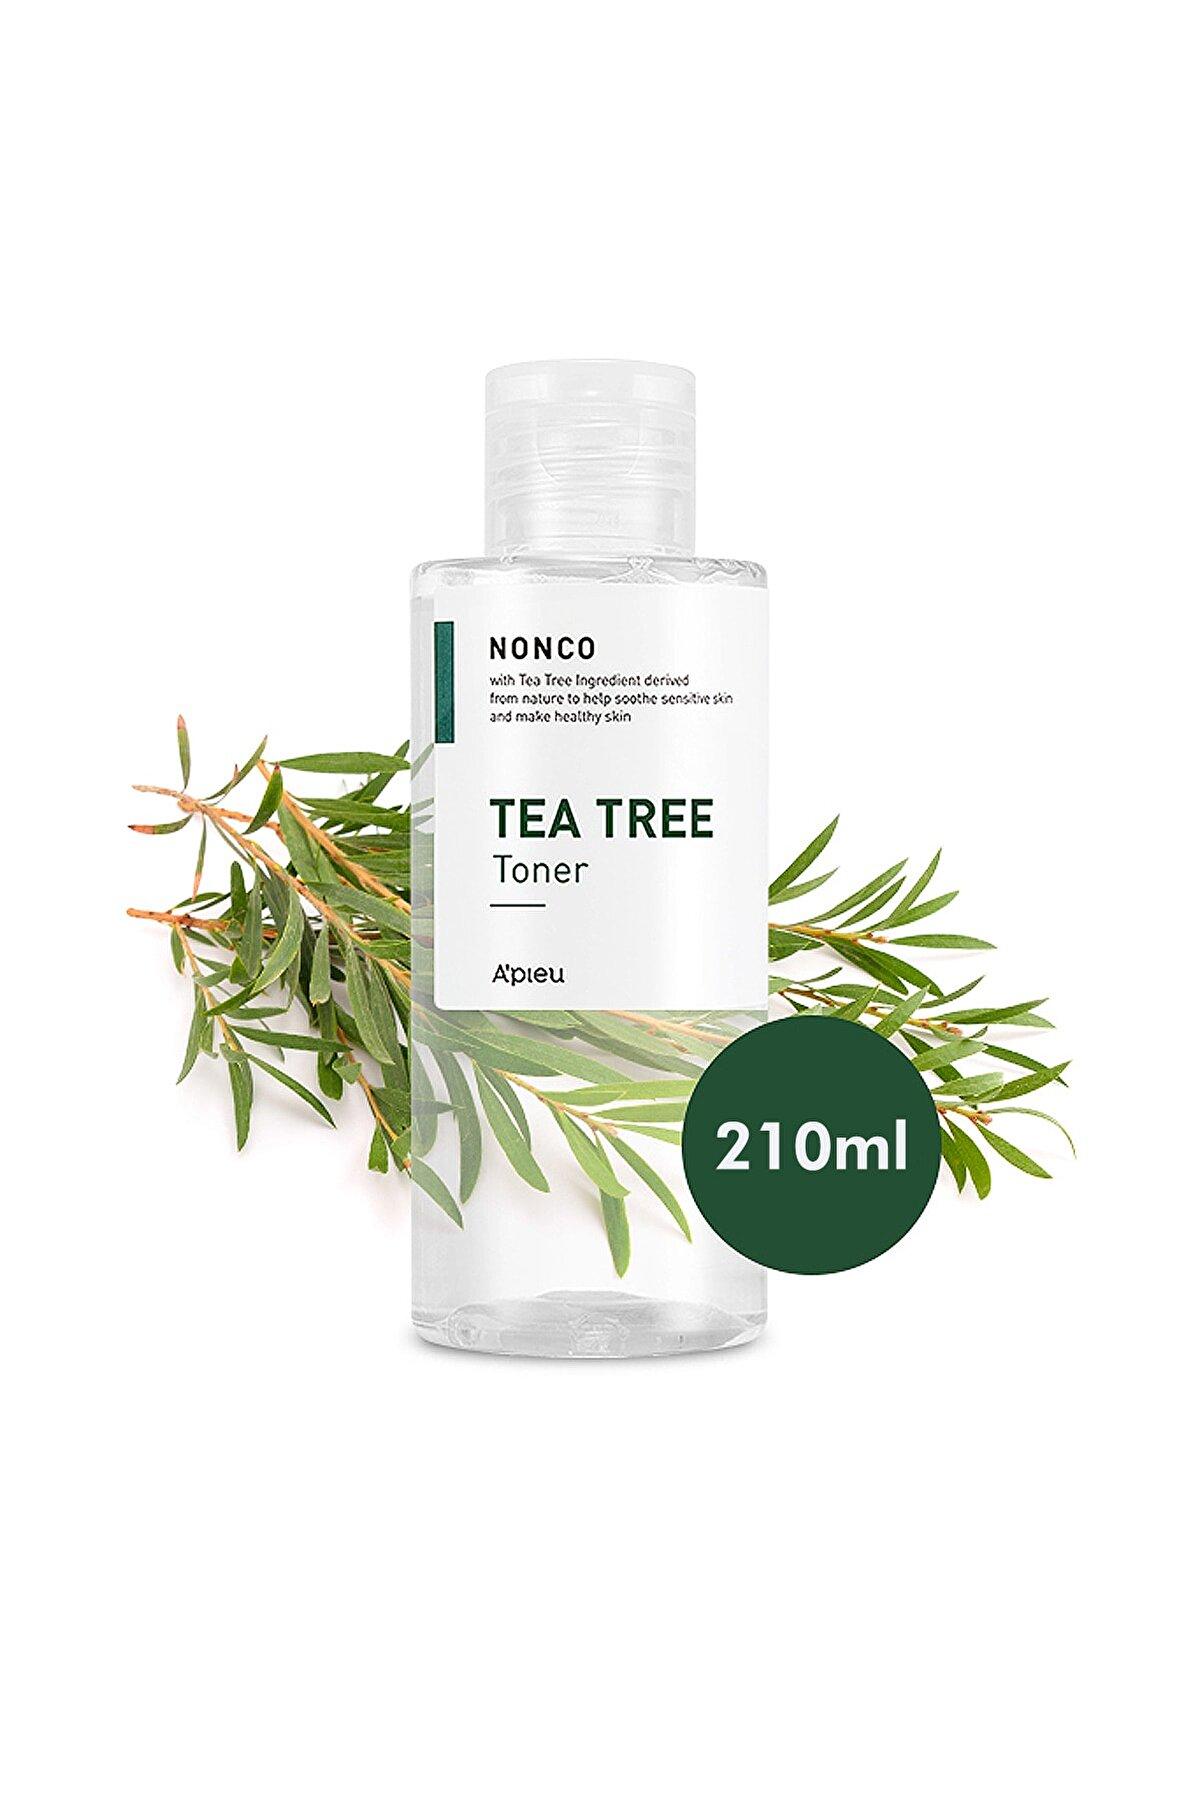 Missha Sivilceli Ciltler İçin Çay Ağacı Yağı İçeren Tonik 210ml APIEU Nonco Tea Tree Toner